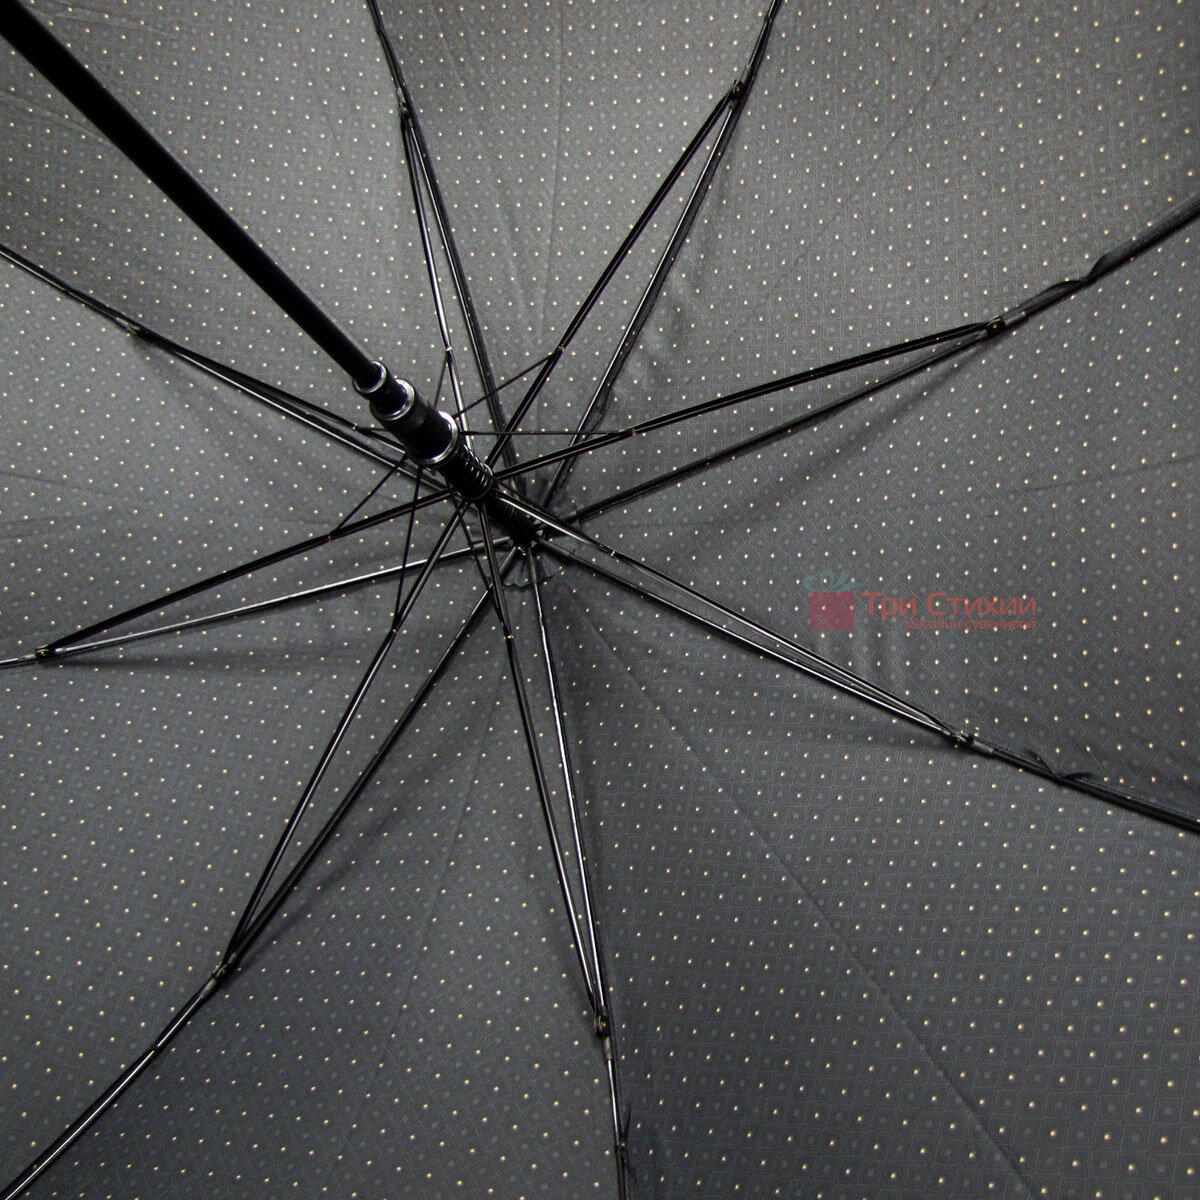 Зонт-трость Derby 77167P-1 полуавтомат Серый в ромбы, фото 5